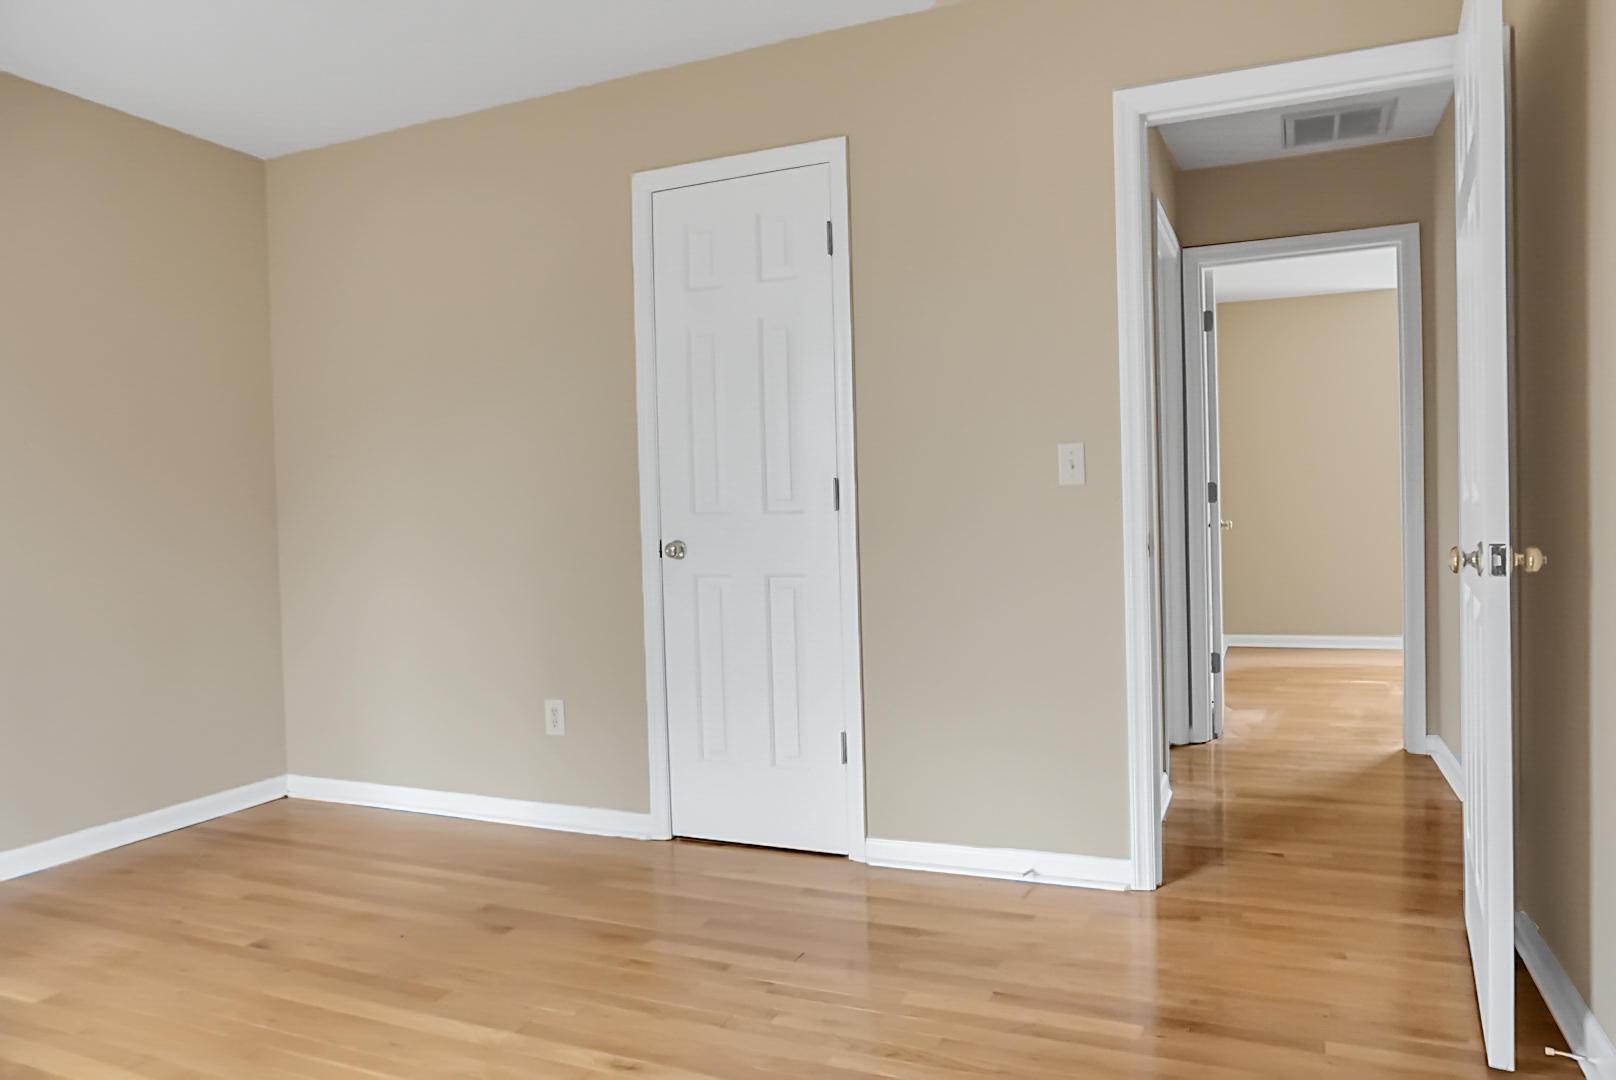 Dunes West Homes For Sale - 3209 Carmel Bay, Mount Pleasant, SC - 9